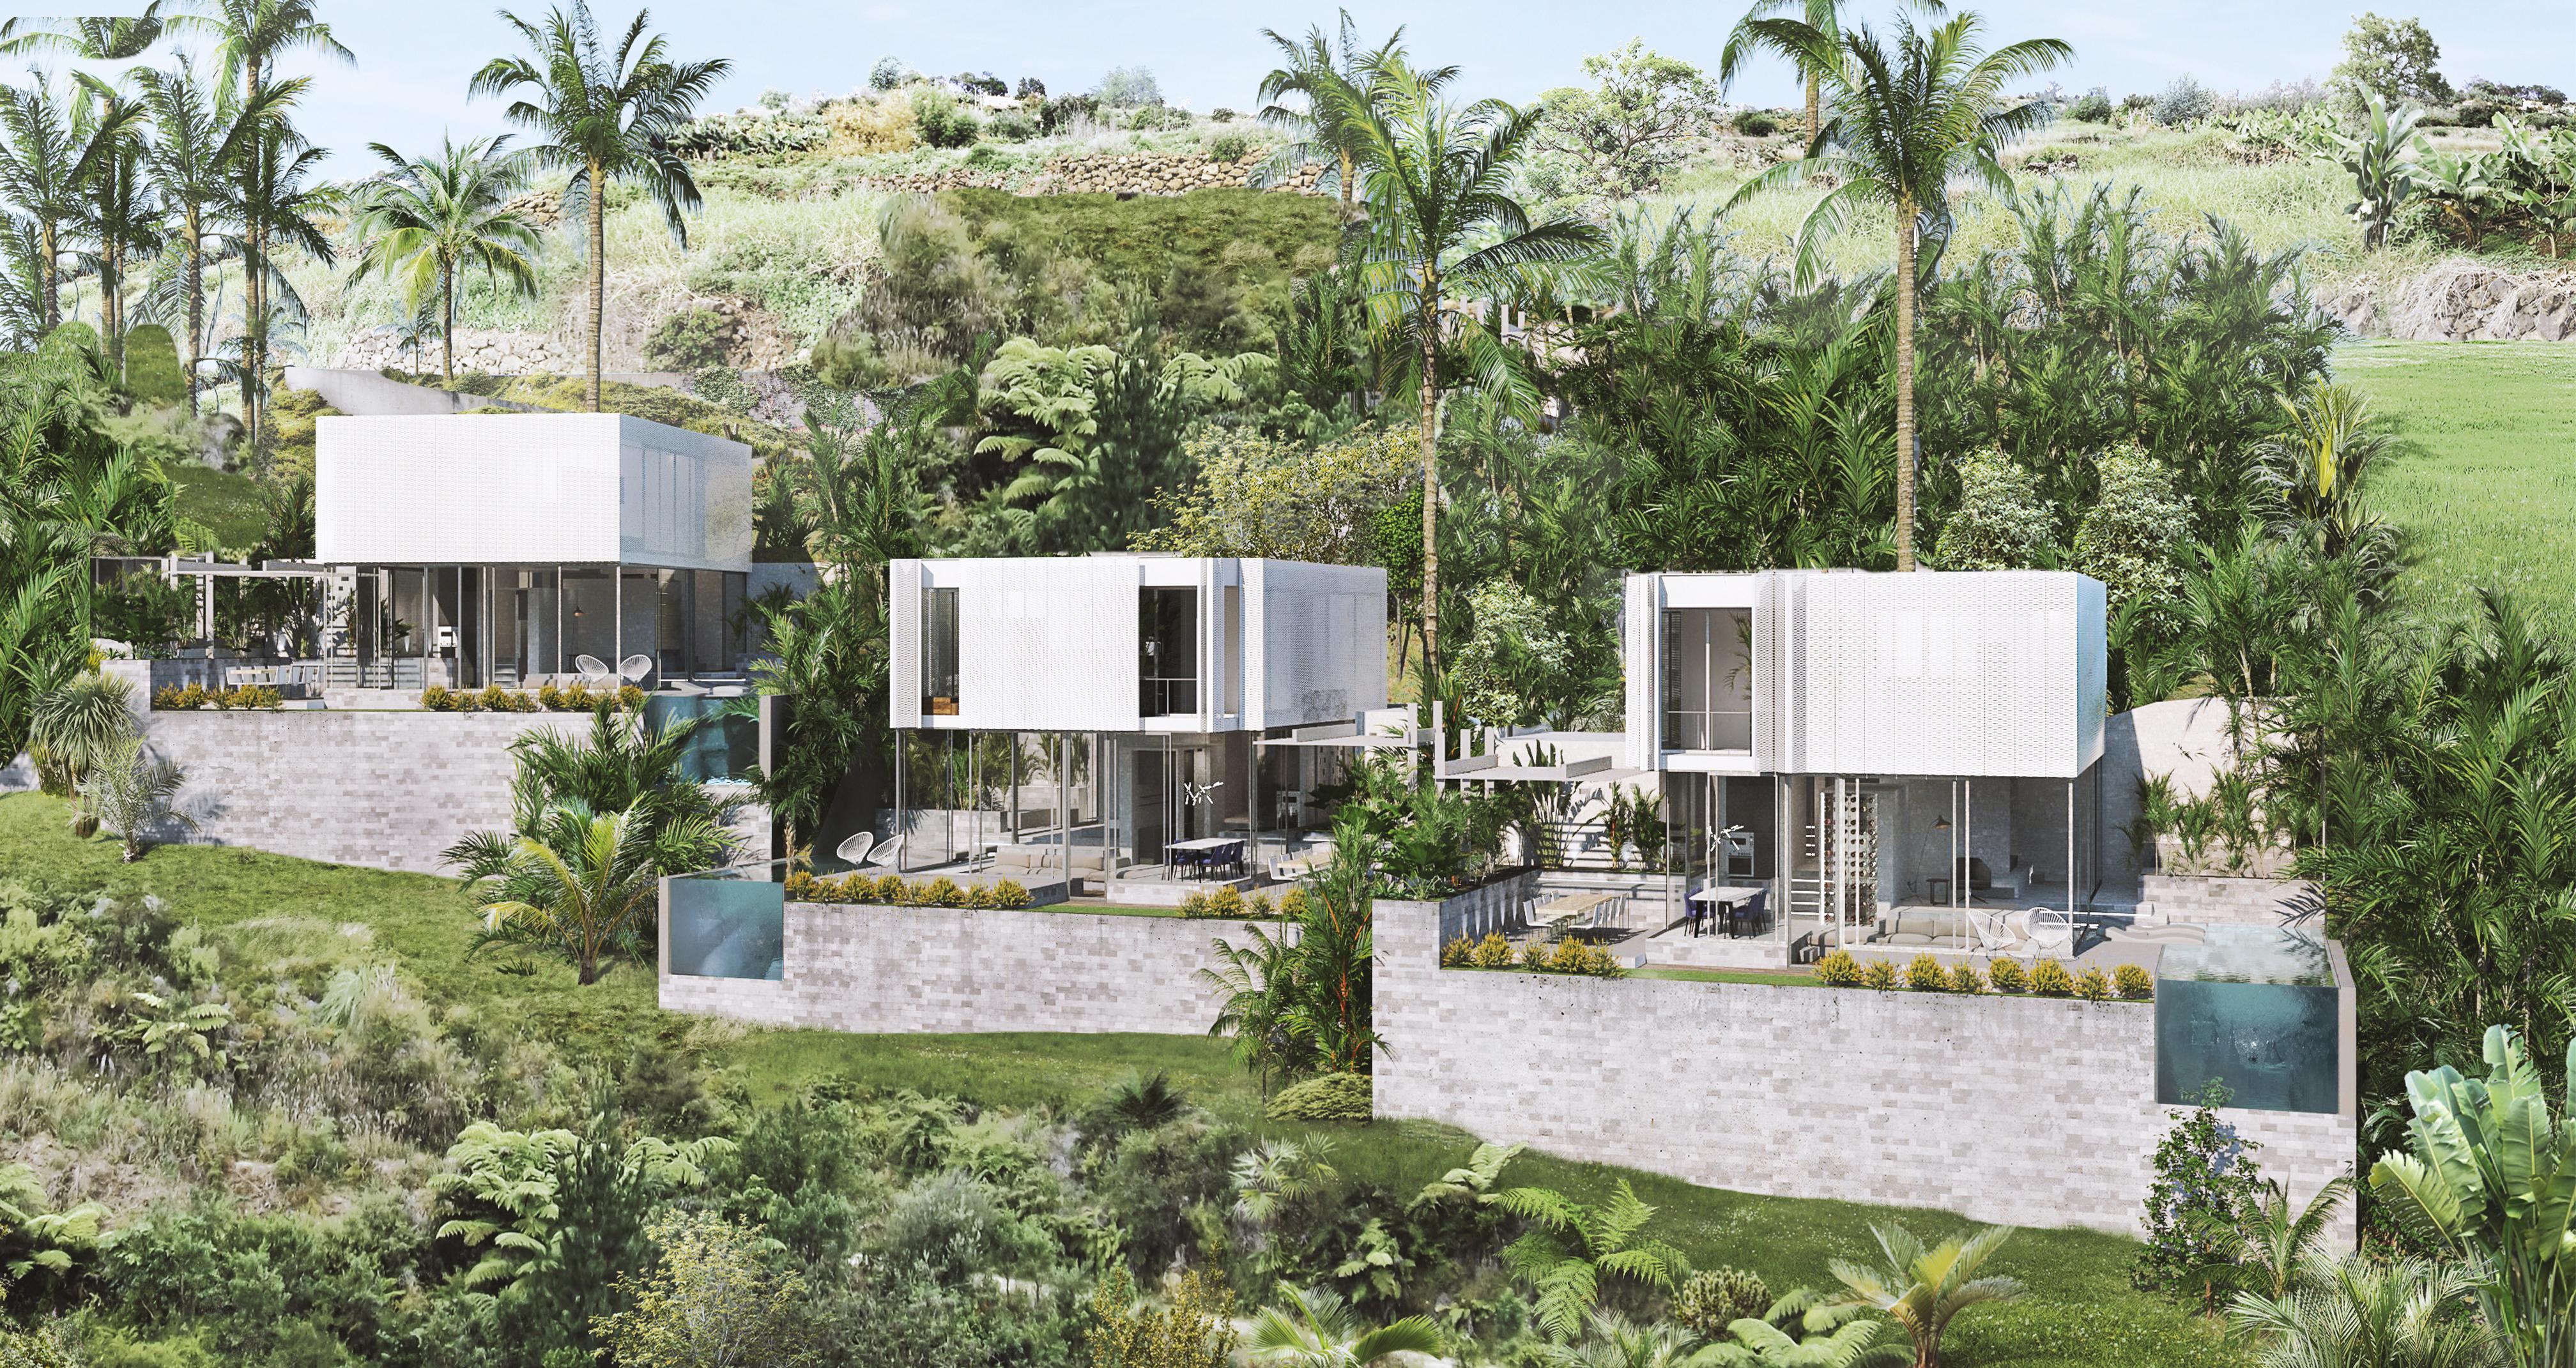 Casas de luxo na Madeira vendidas em criptomoedas